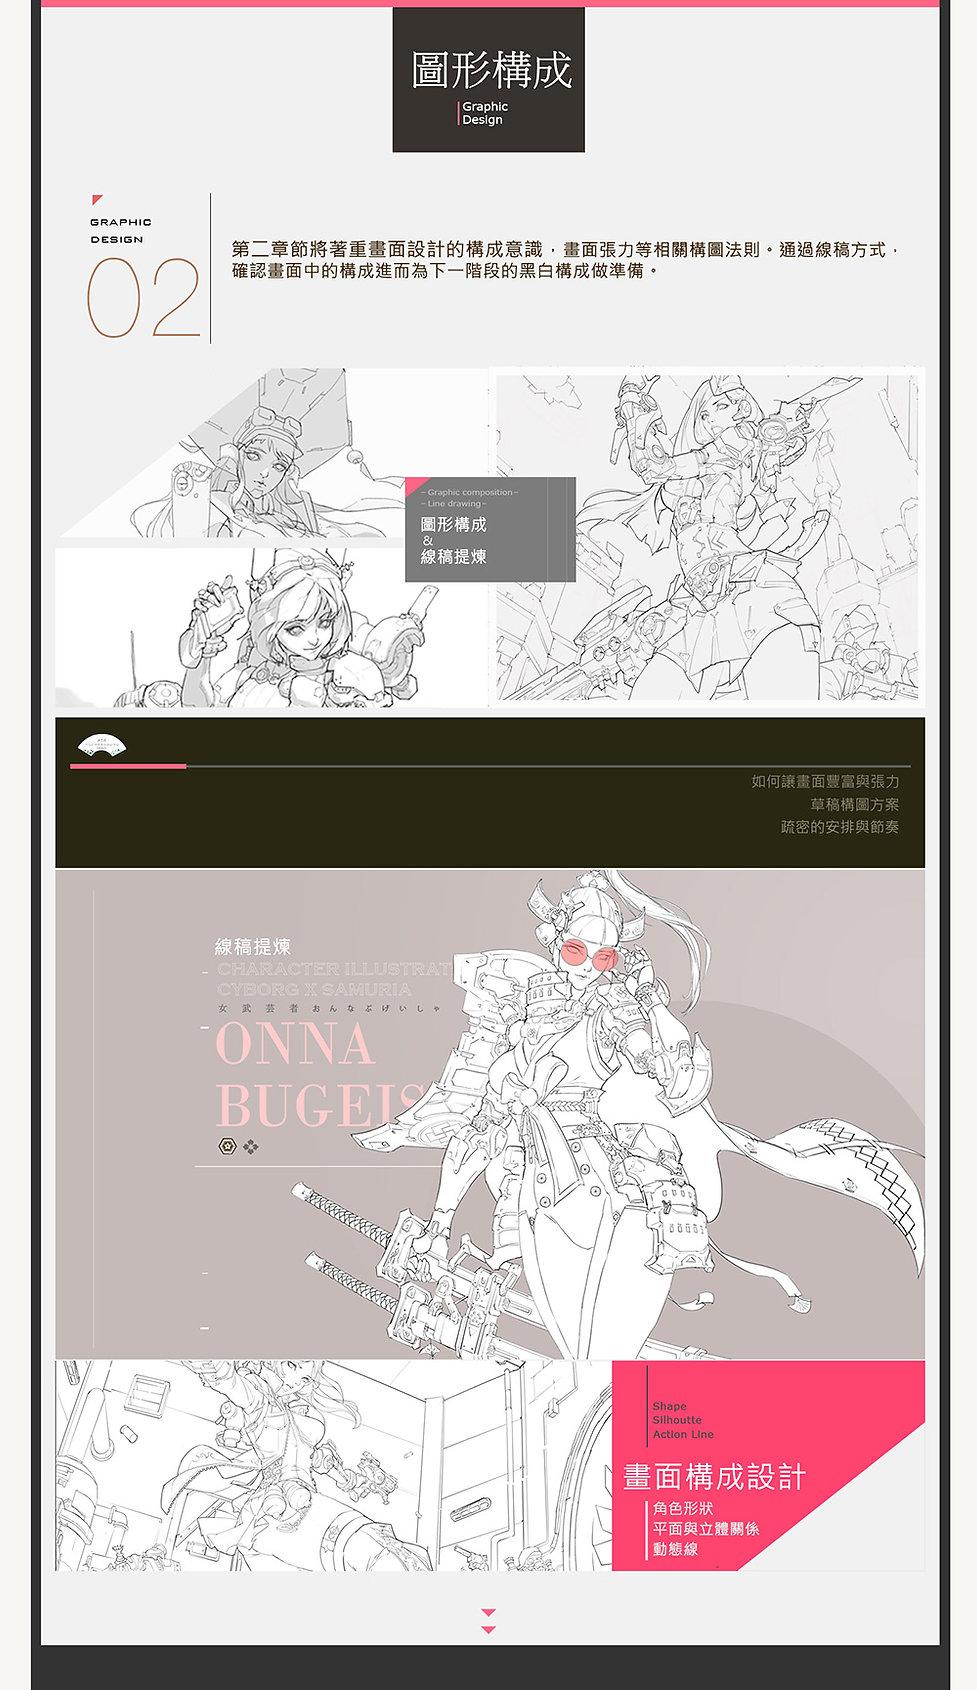 課程章節內容_02圖形構成-A.jpg